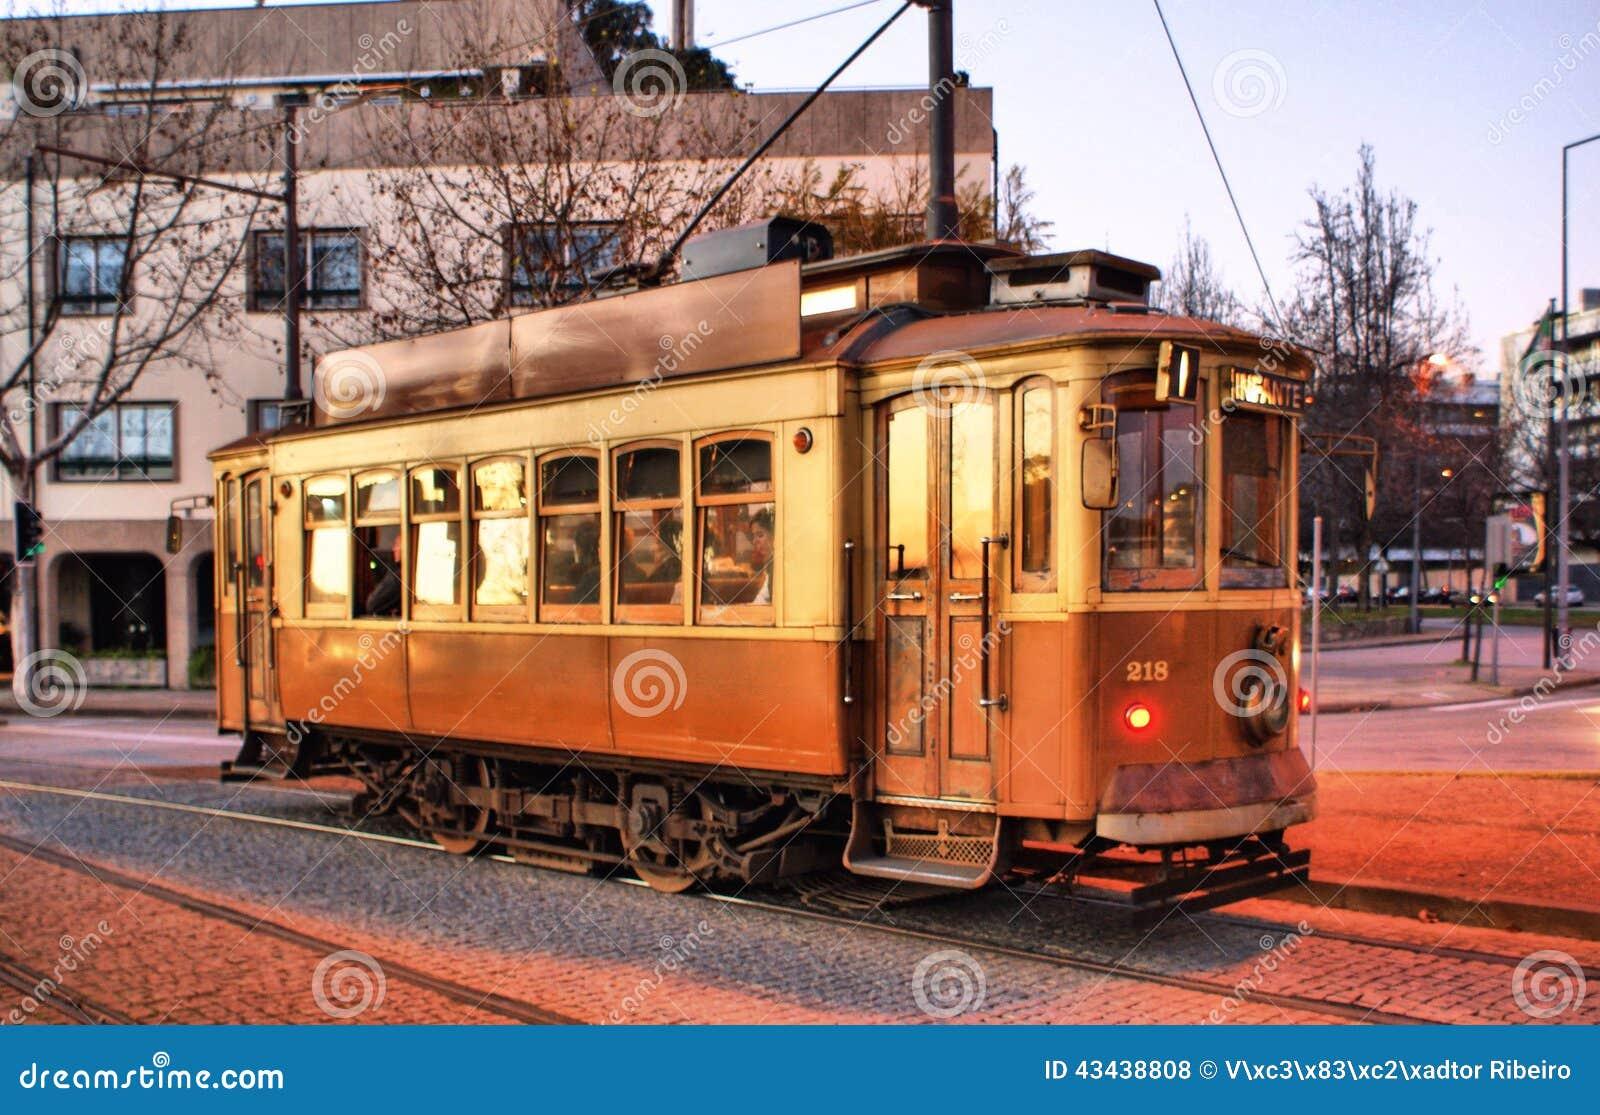 Χαρακτηριστικό τραμ στο Πόρτο